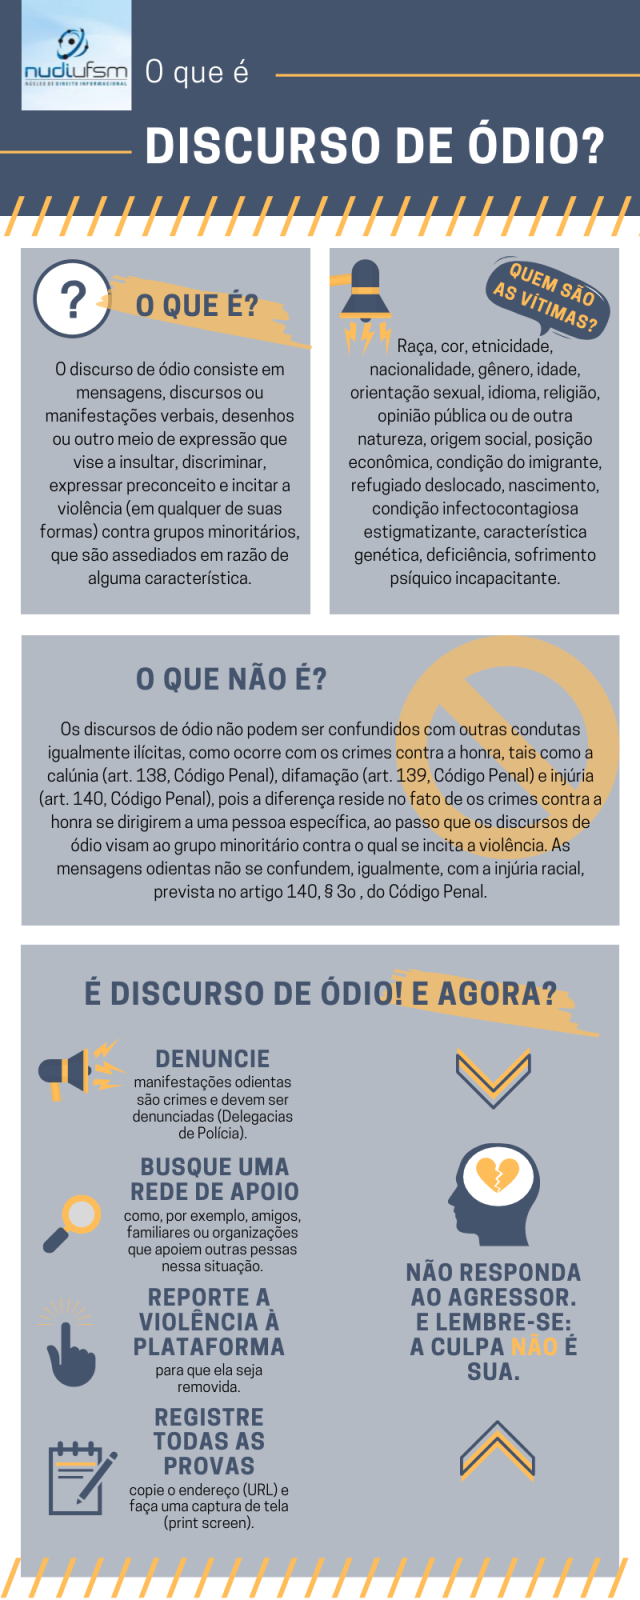 INFOGRÁFICO FINAL - DISCURSO DE ÓDIO